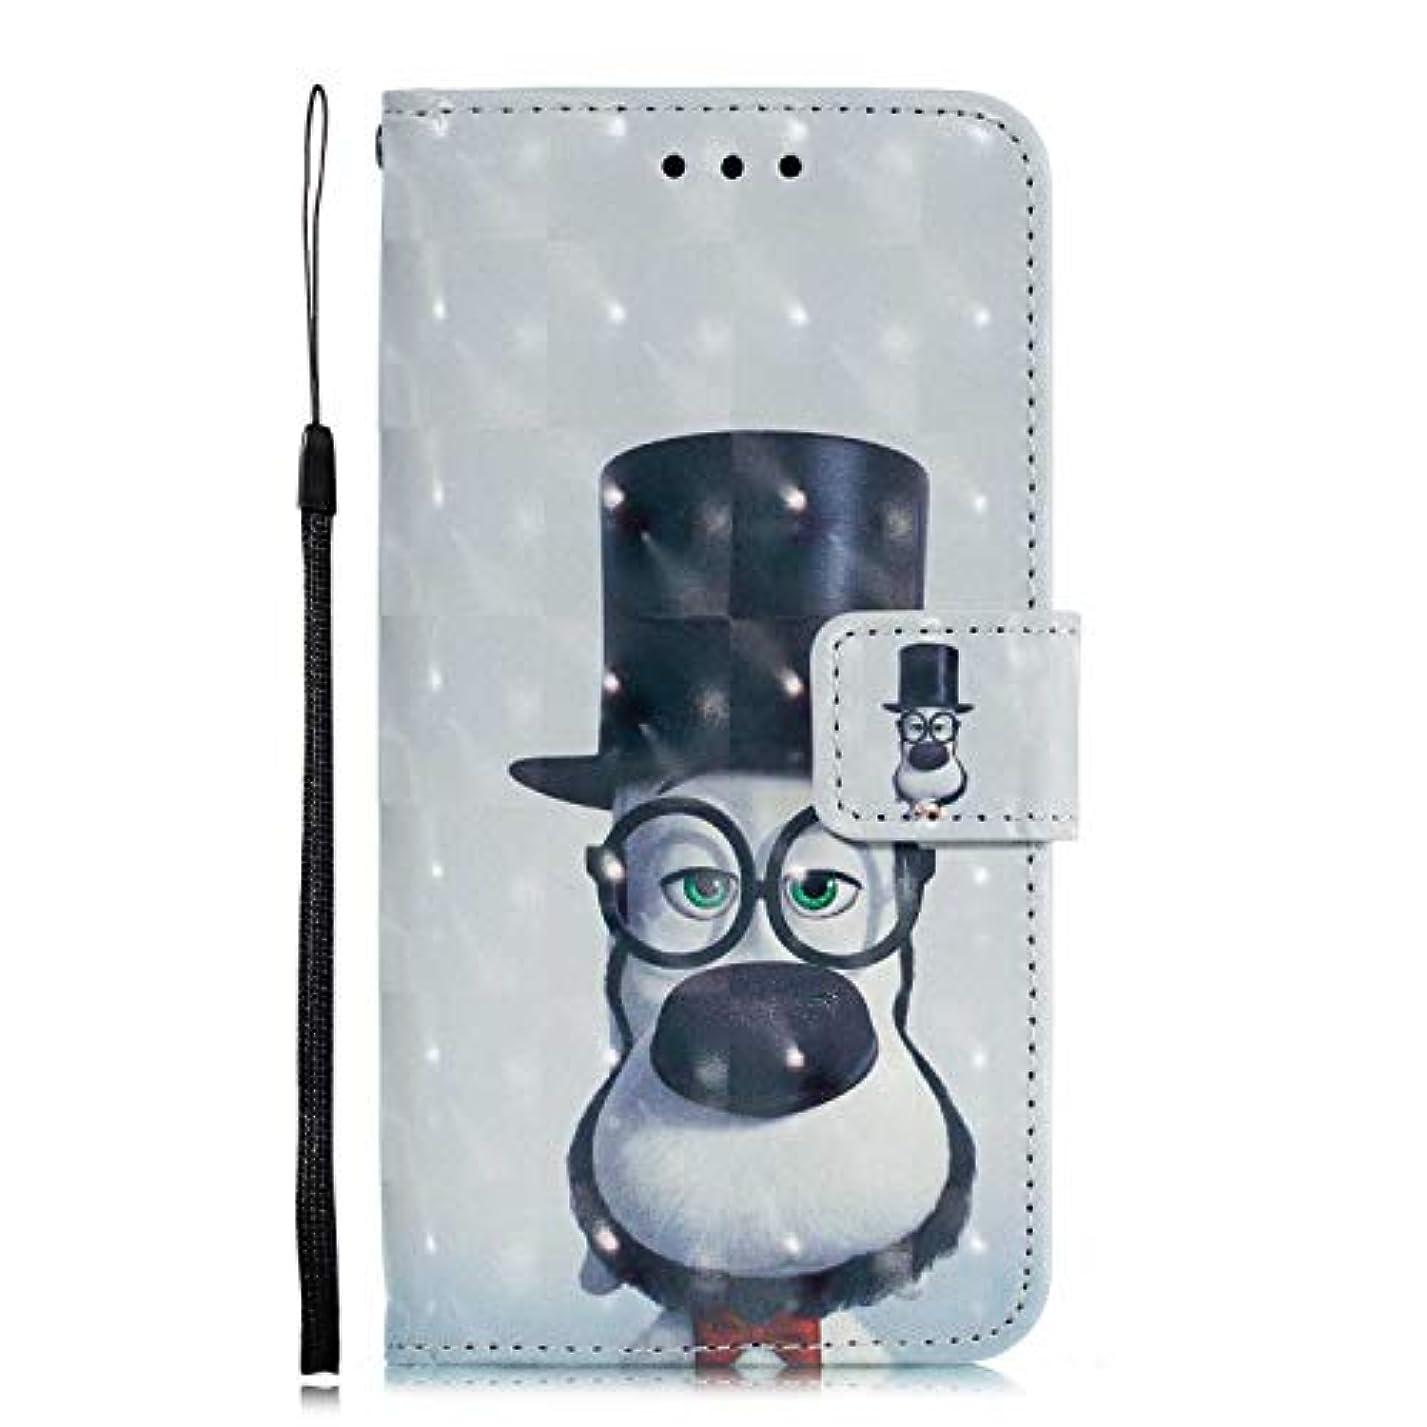 通常スケートぼかしOMATENTI Galaxy A5 2018 ケース, ファッション良質 PU レザー 財布型 ケース 薄型 人気 新製品 衝撃吸収 全面保護 スマホケース, 付きスタンド機能, カードホルダー機能 ストラップ付き Galaxy A5 2018 用 Case Cover, 犬